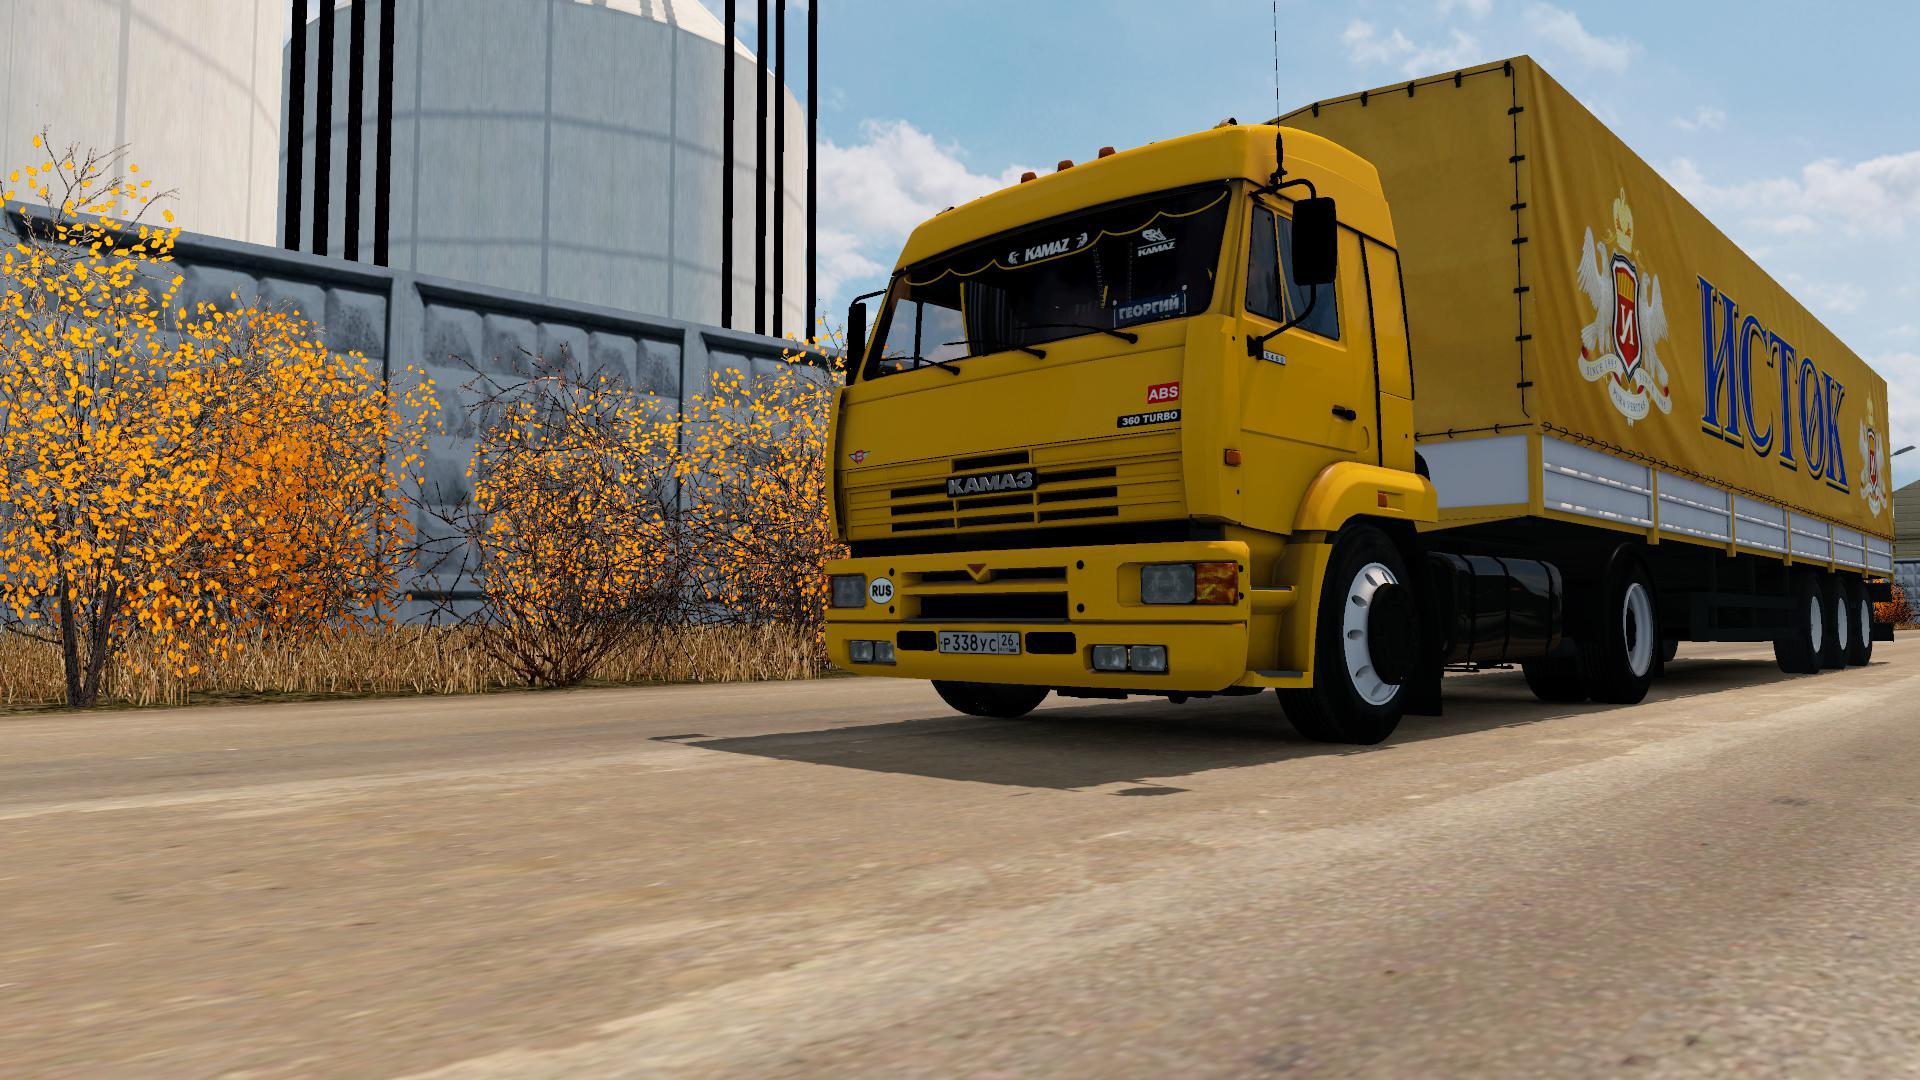 ETS2 - Kamaz 5460 Truck V5.0 (1.36.x)